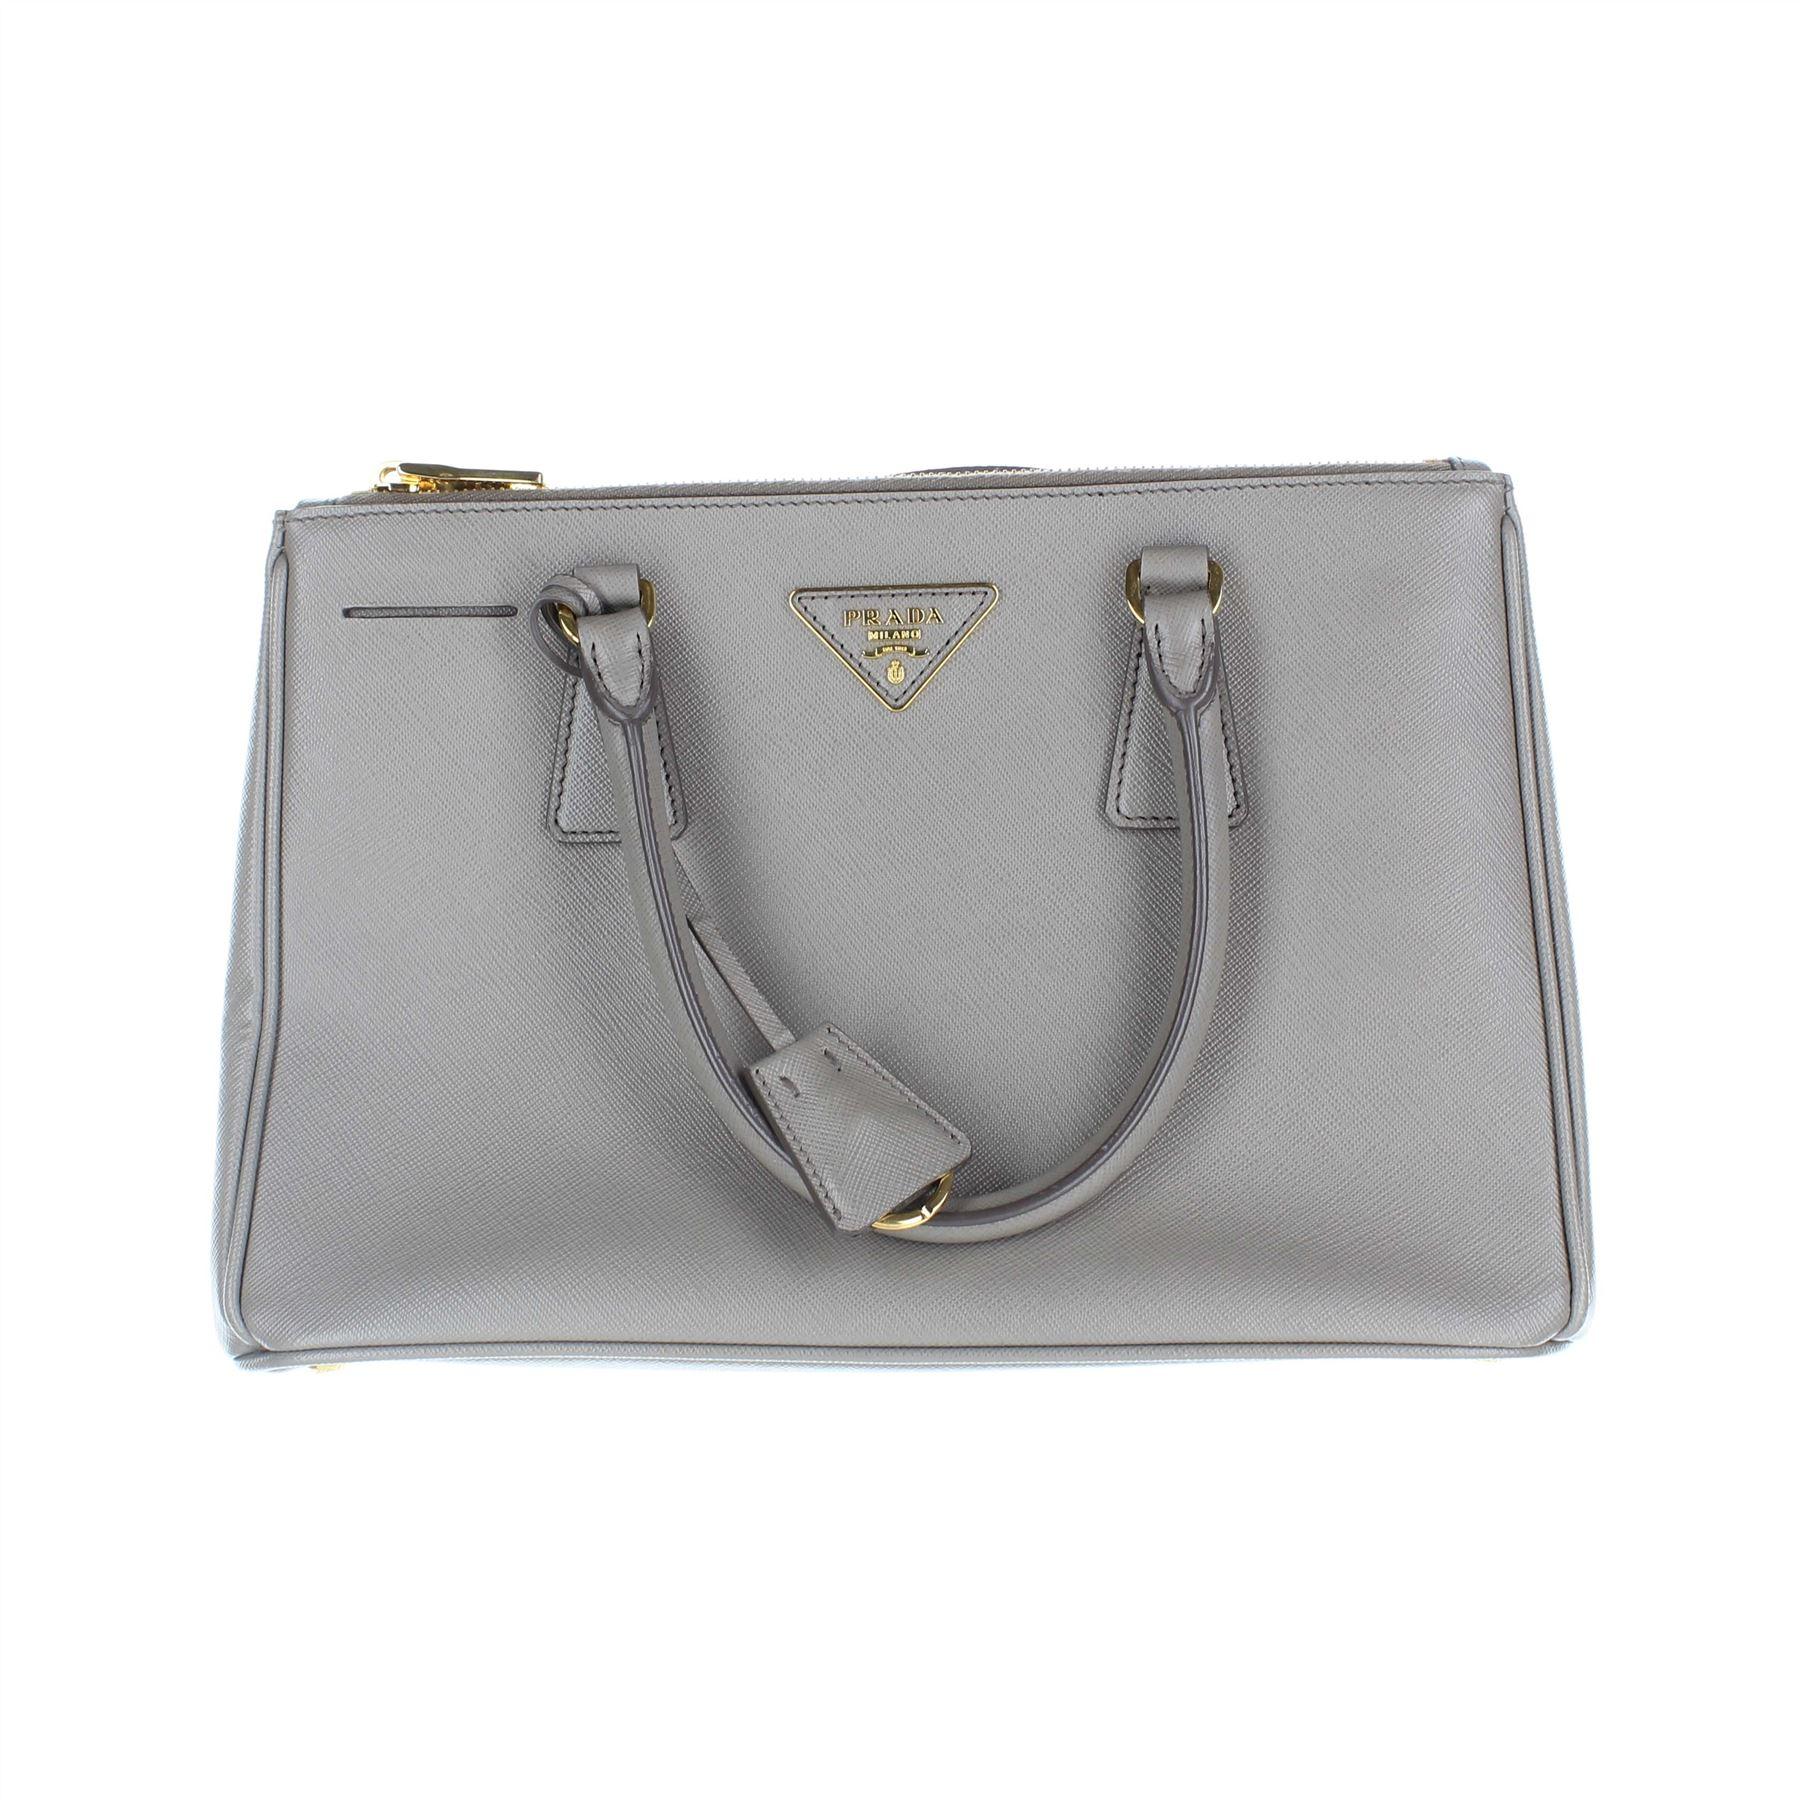 c26cd042eef931 PRADA Saffiano Lux Double Zip Grey Tote Bag, 8